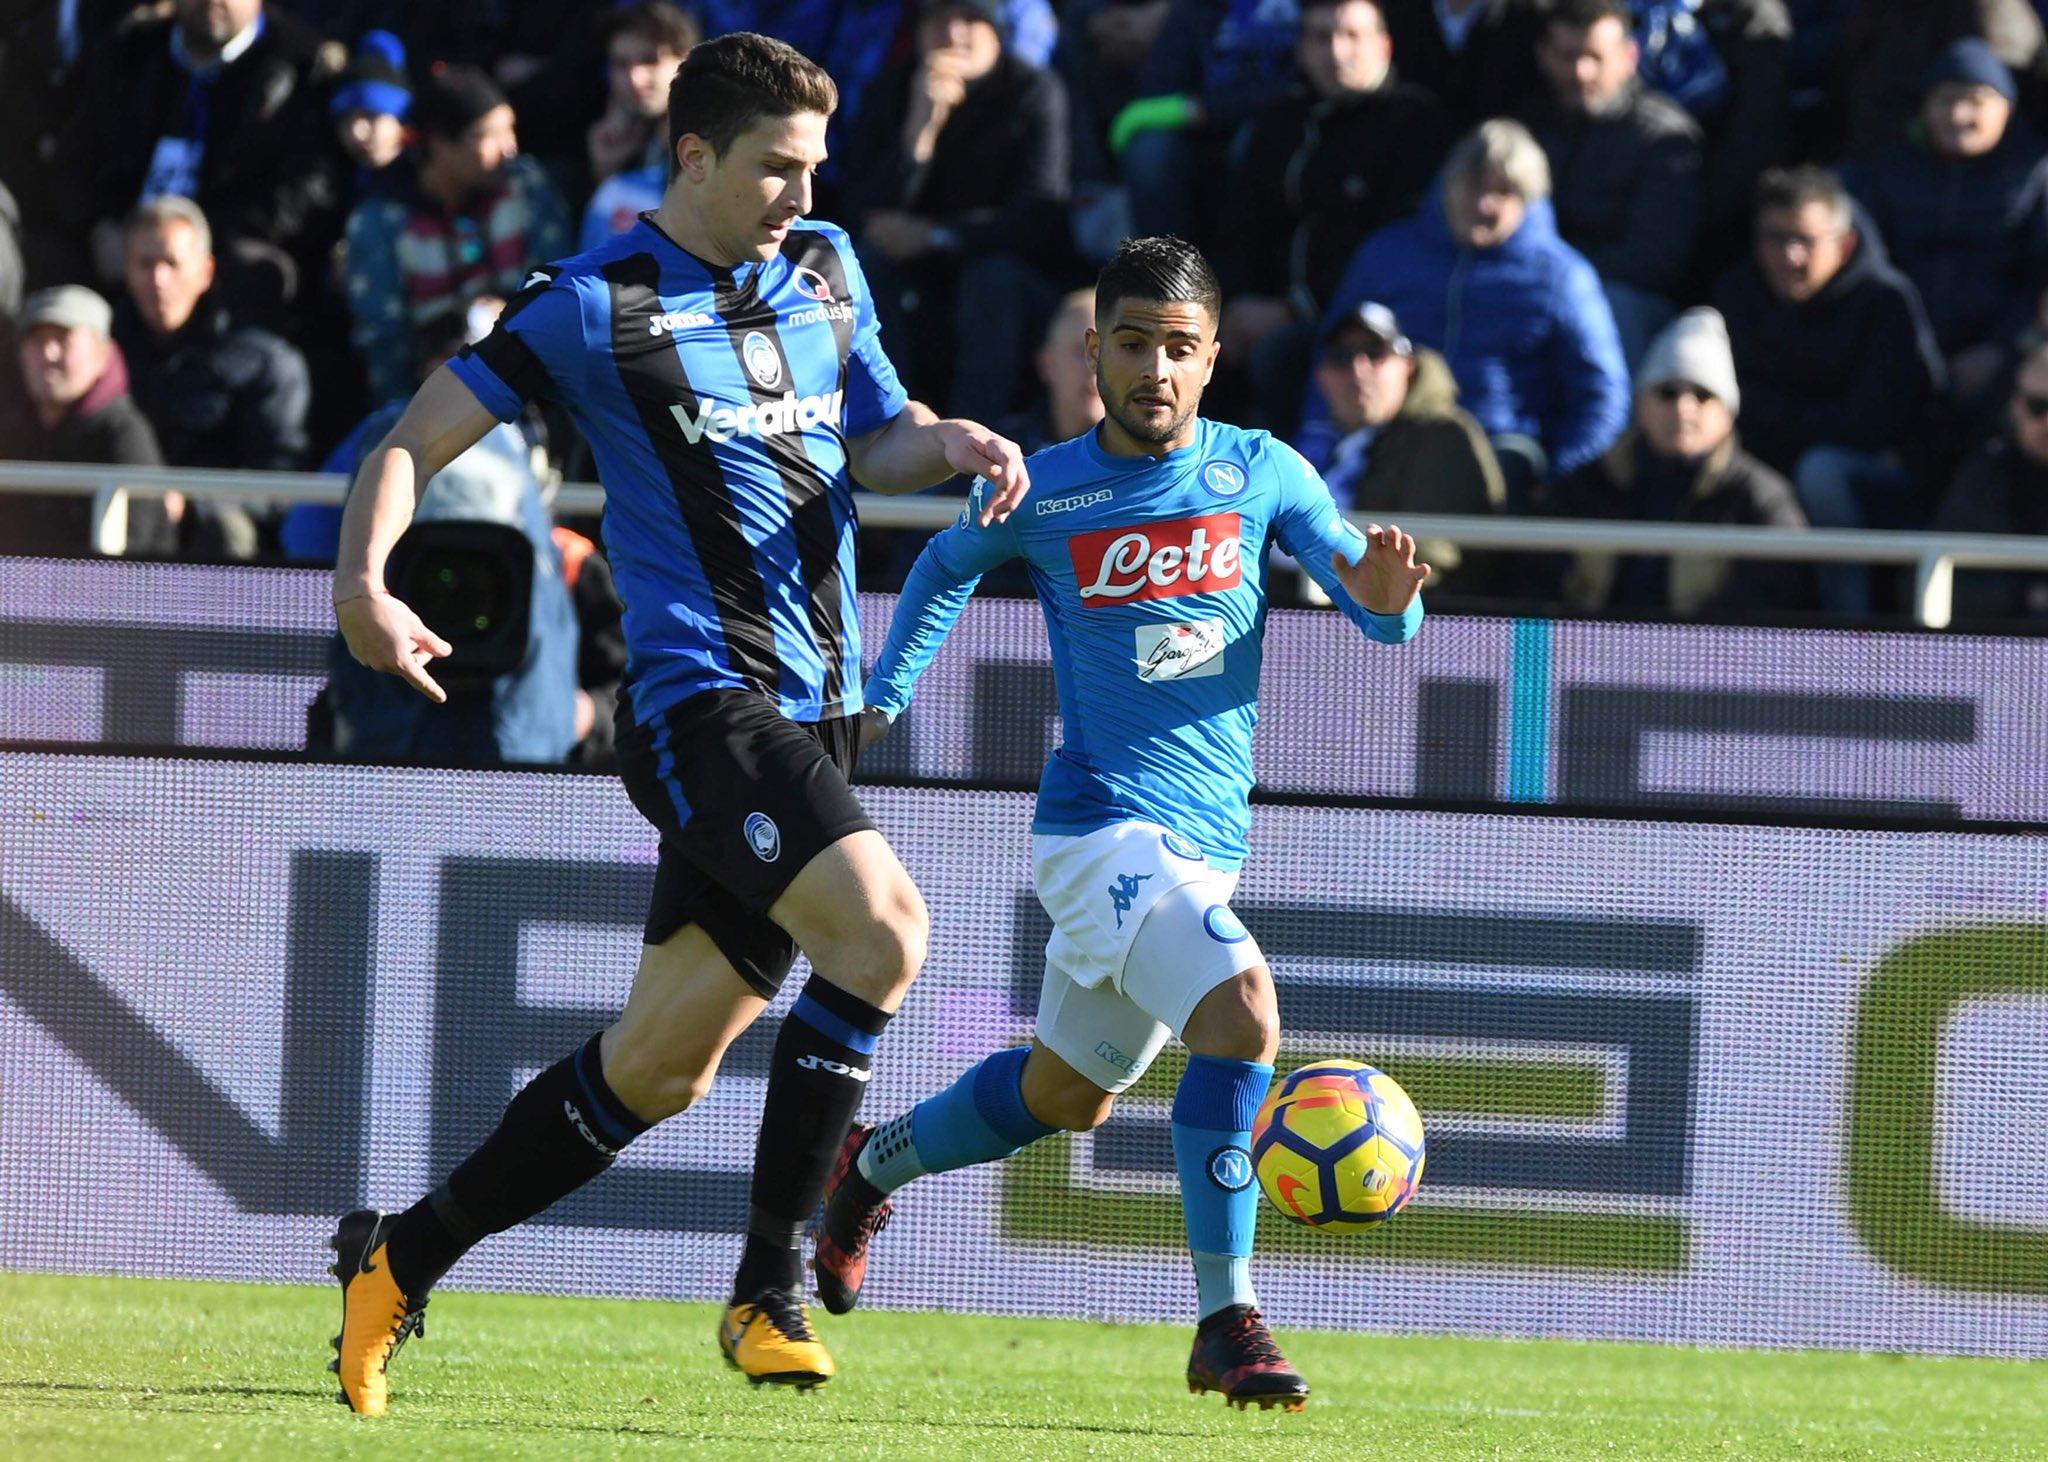 Atalanta-Napoli 0-0, il primo tempo: duello tattico e fisico, per il momento è pari e patta